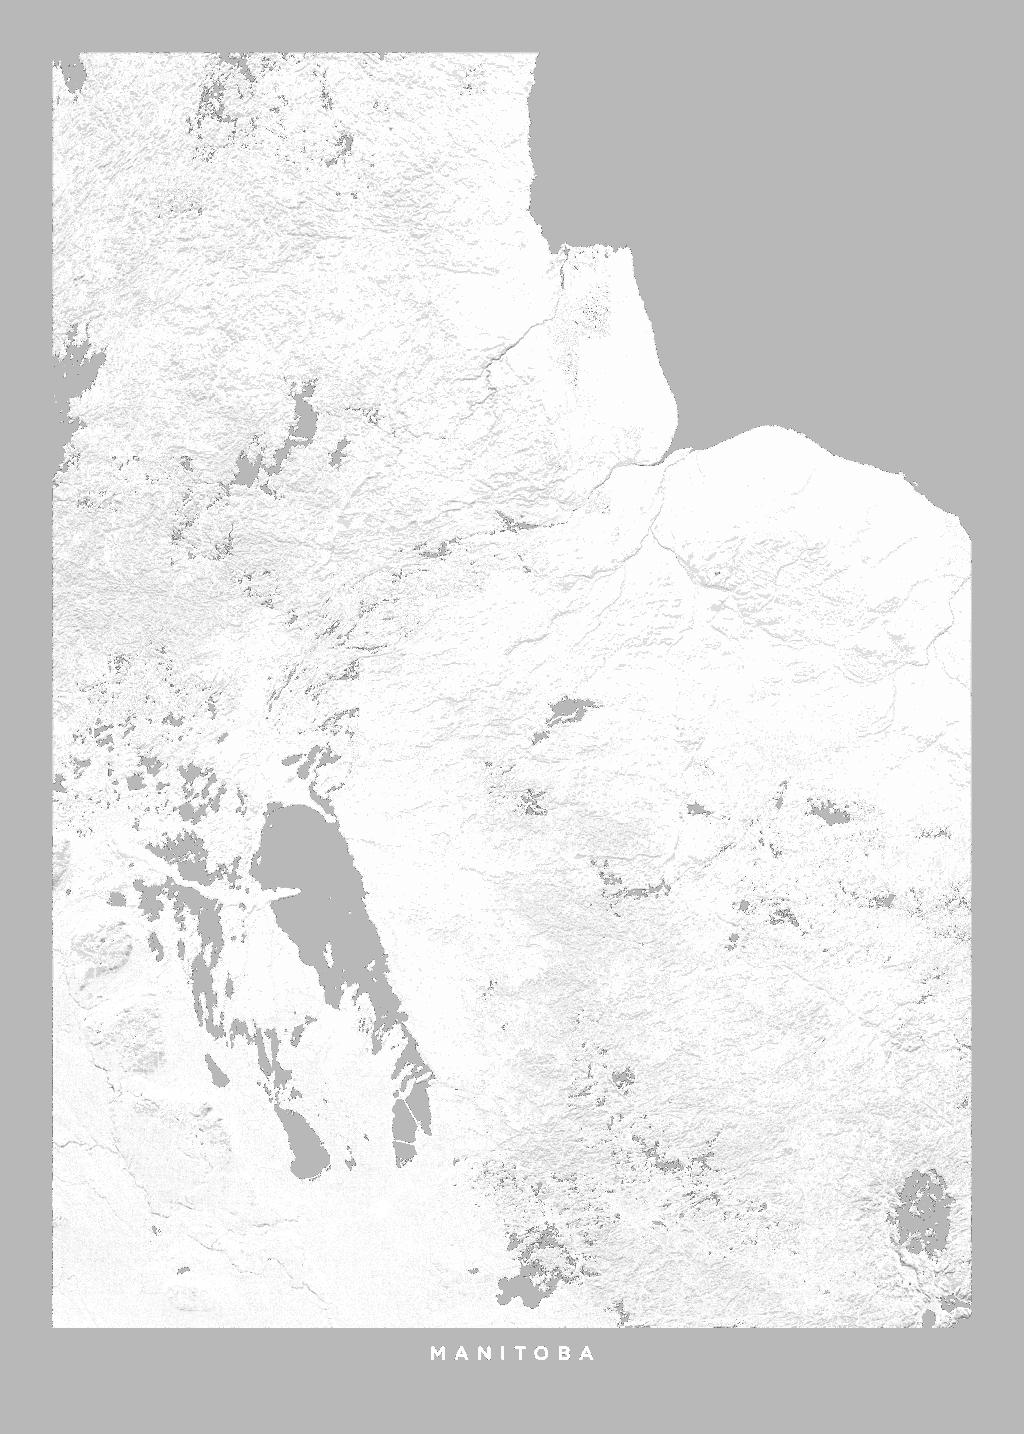 Manitoba wall map